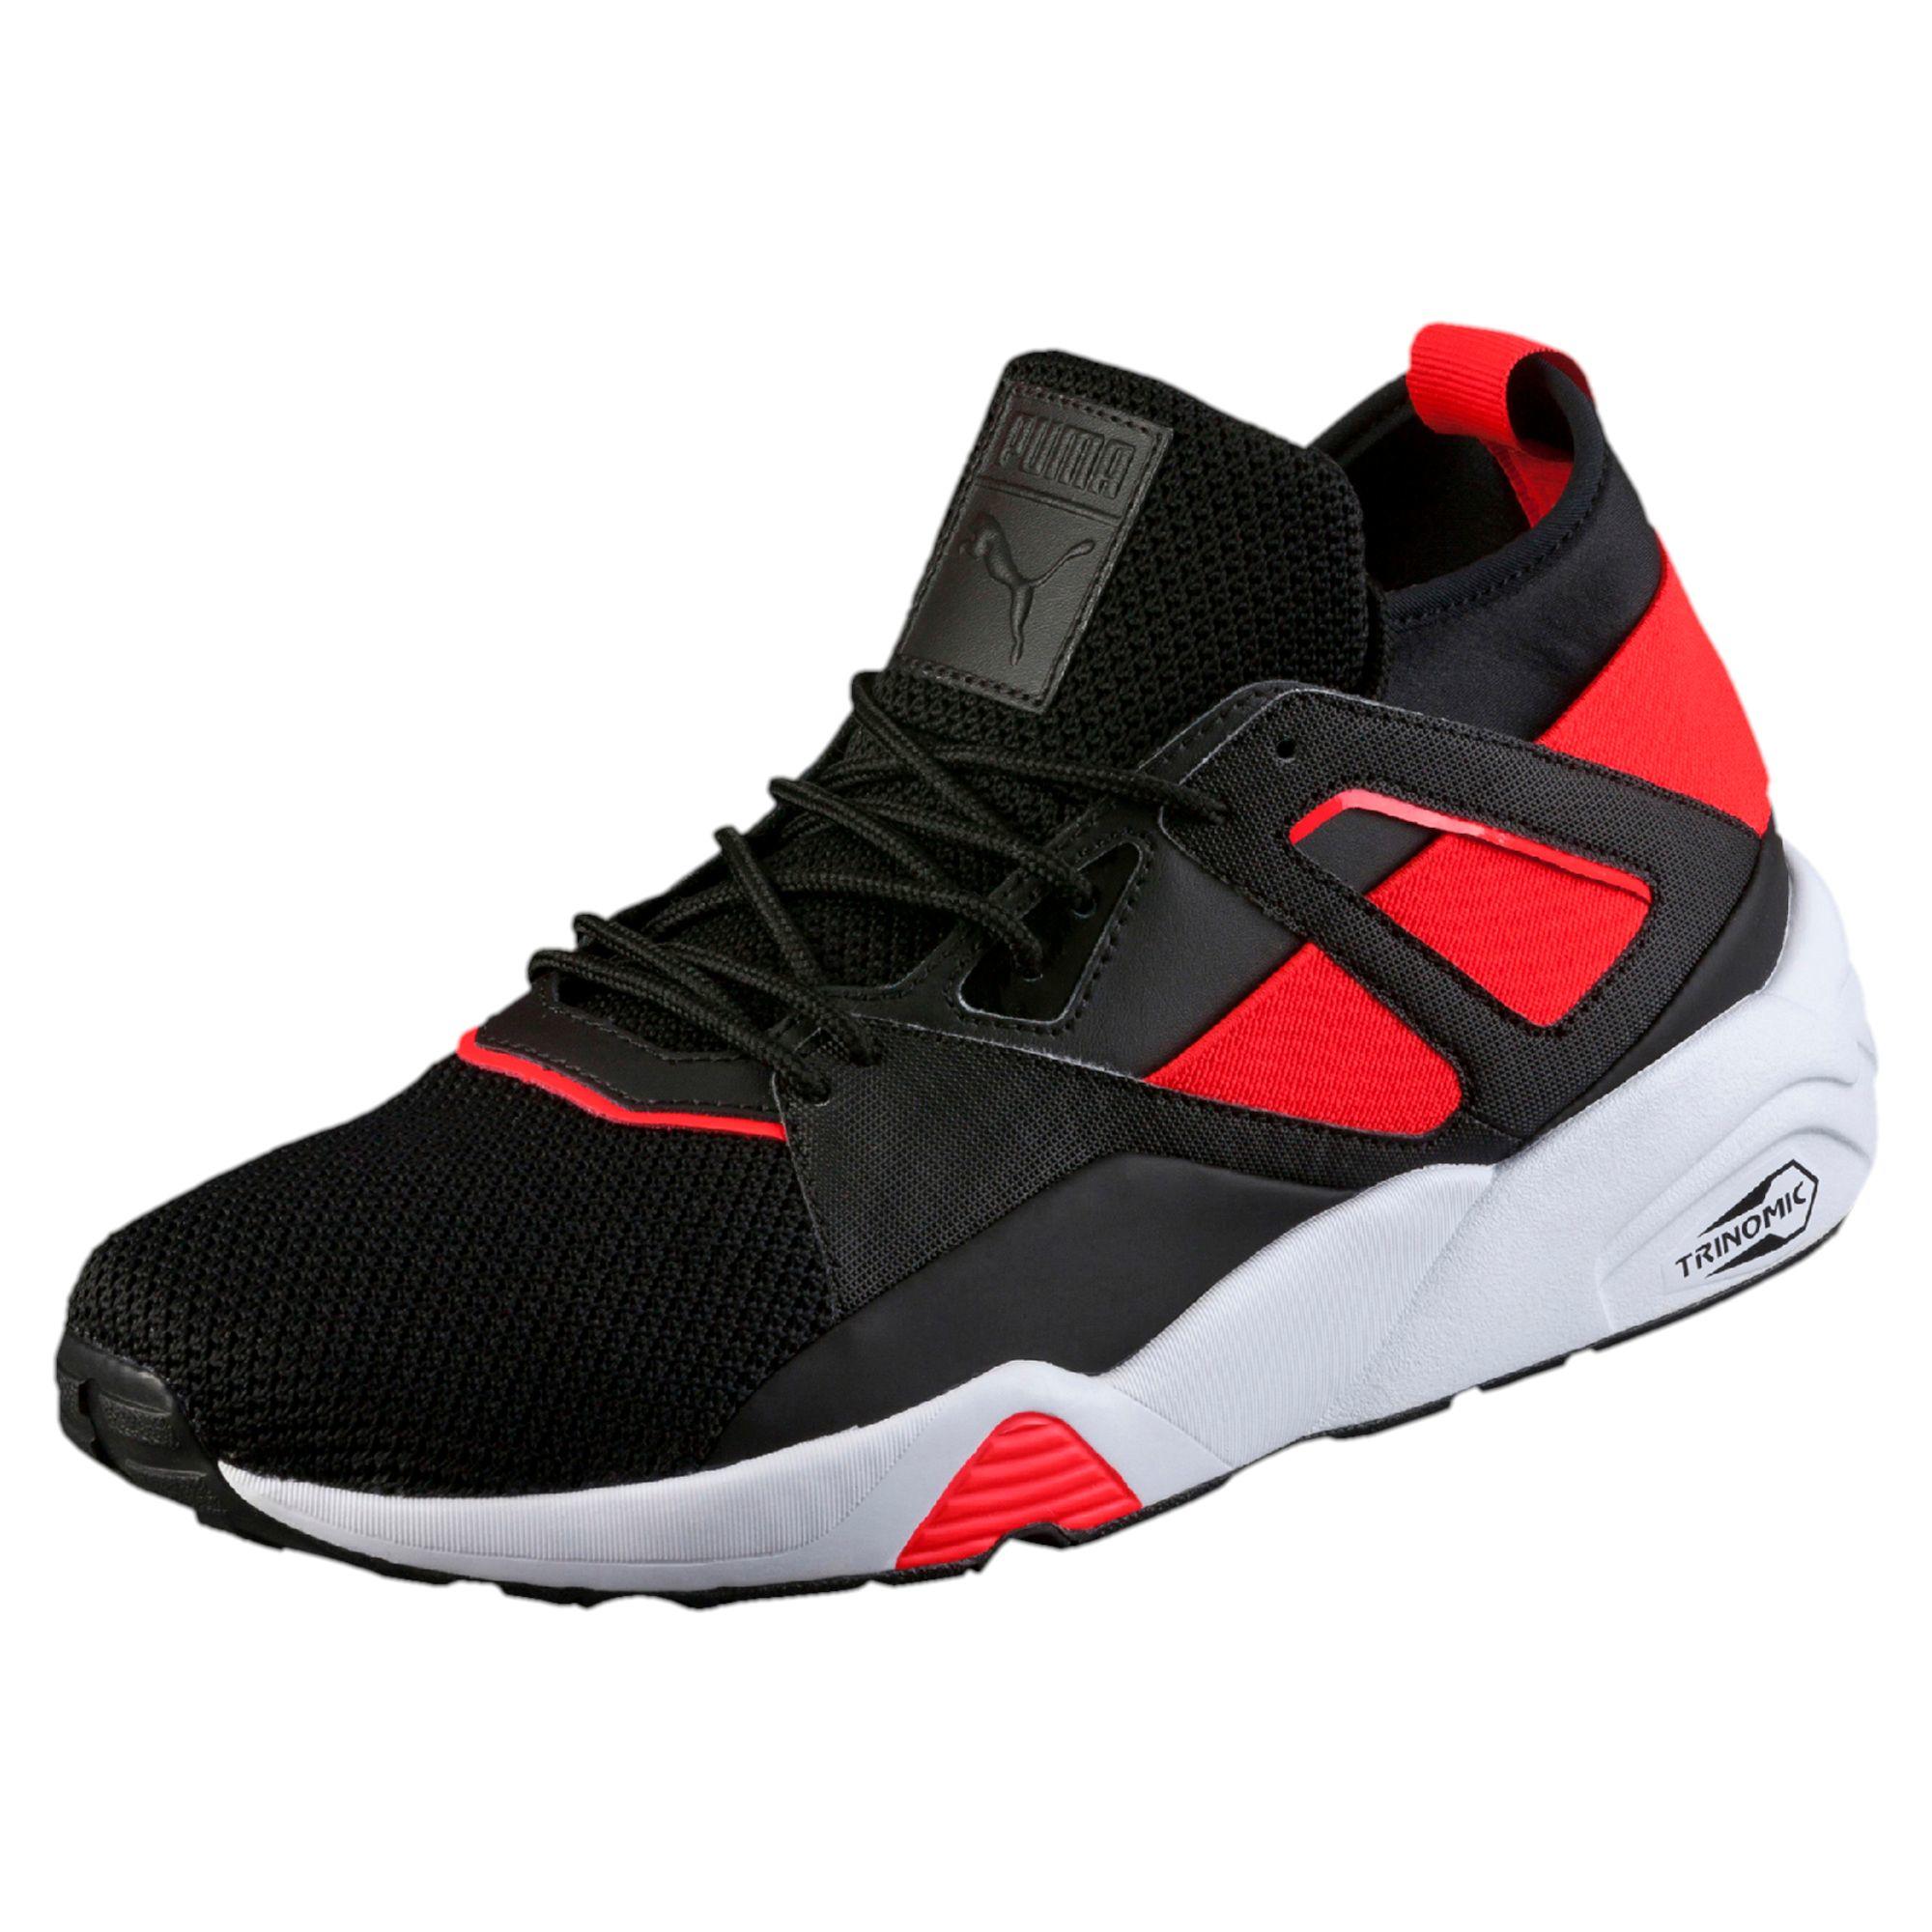 5ae6d8fa5fd Lyst - PUMA Blaze Of Glory Sock Tech Men s Sneakers in Black for Men